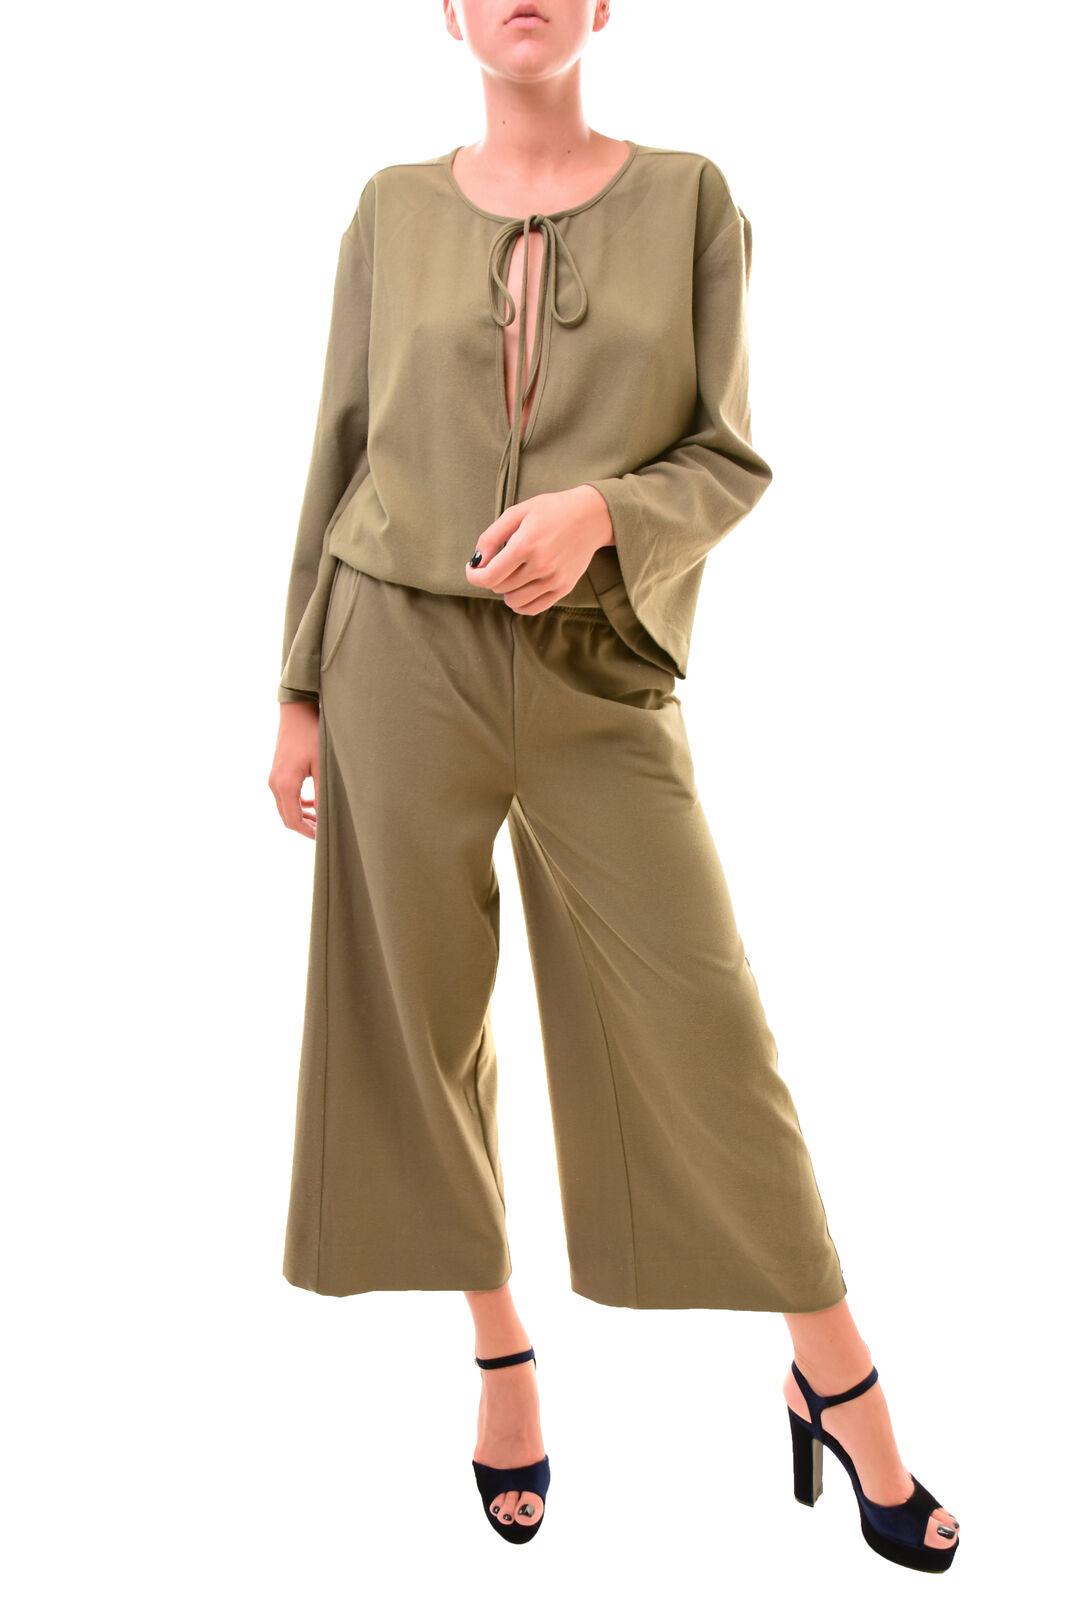 One Teaspoon Women's Authentic NBW Jumpsuit Olive Size S RRP  117 BCF78